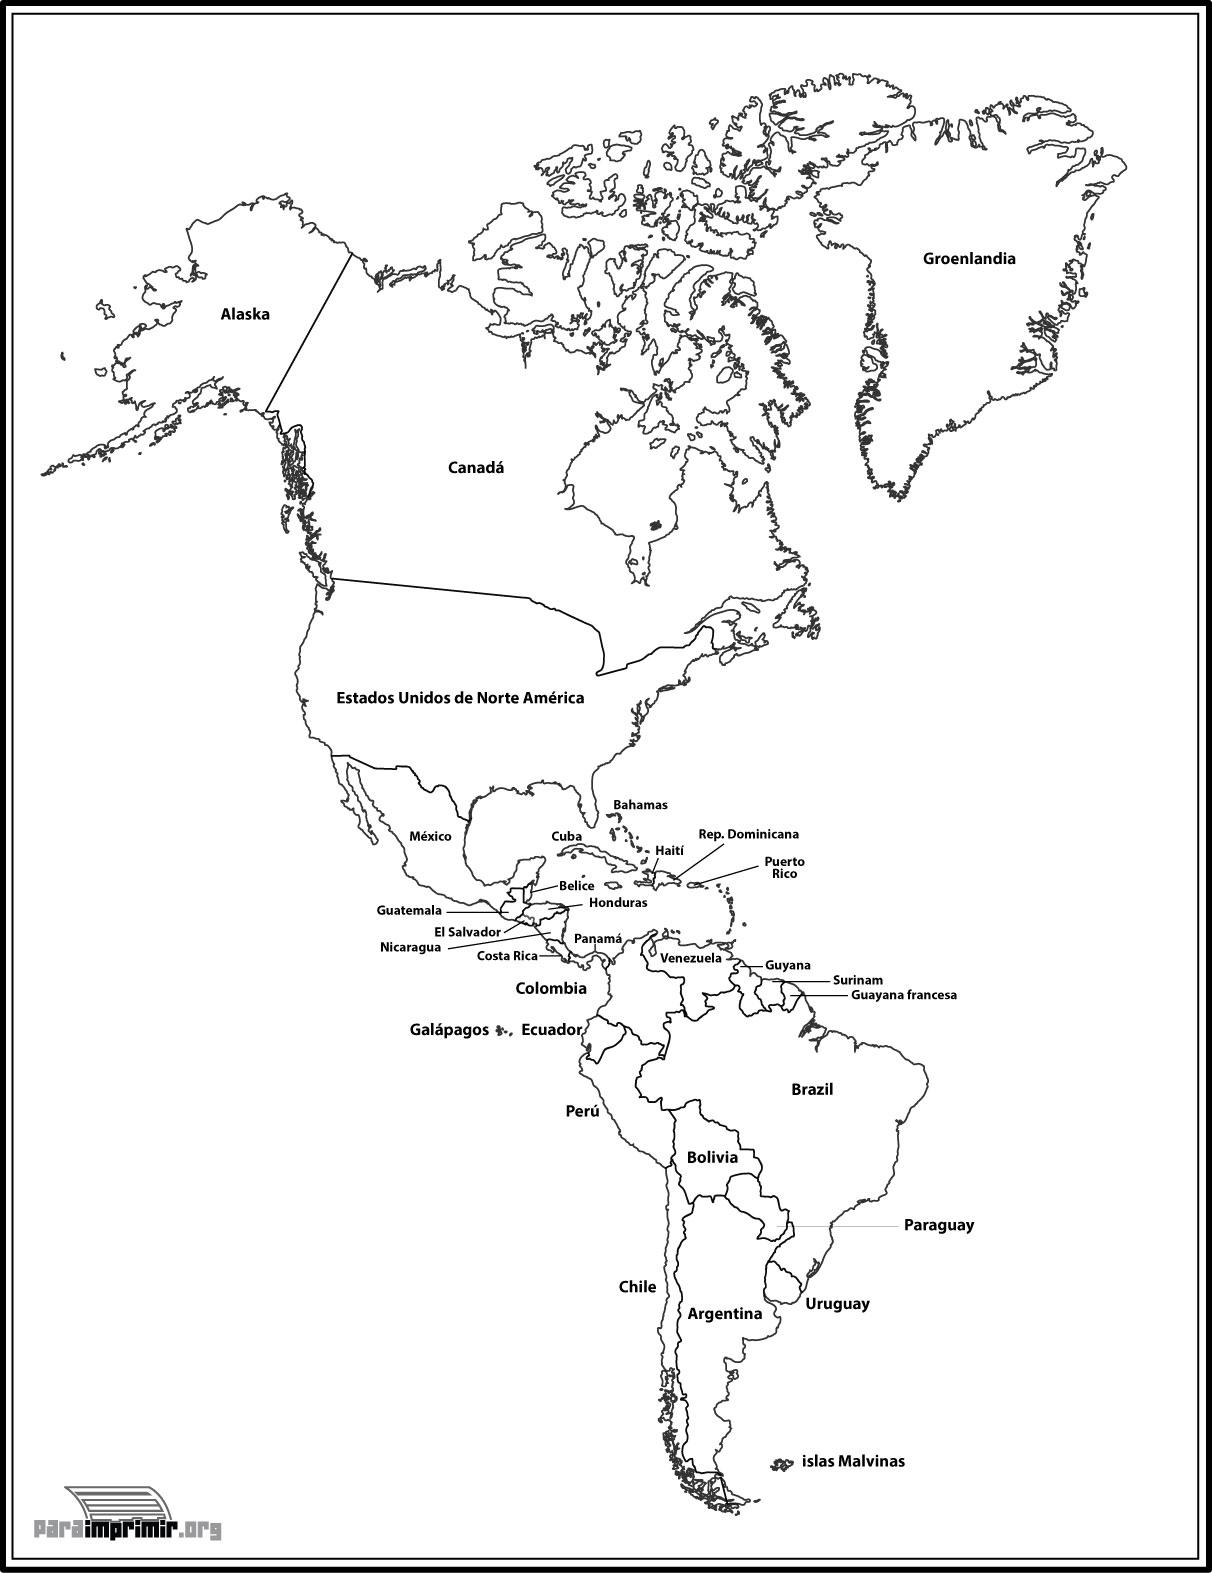 Mapa de el continente americano para imprimir